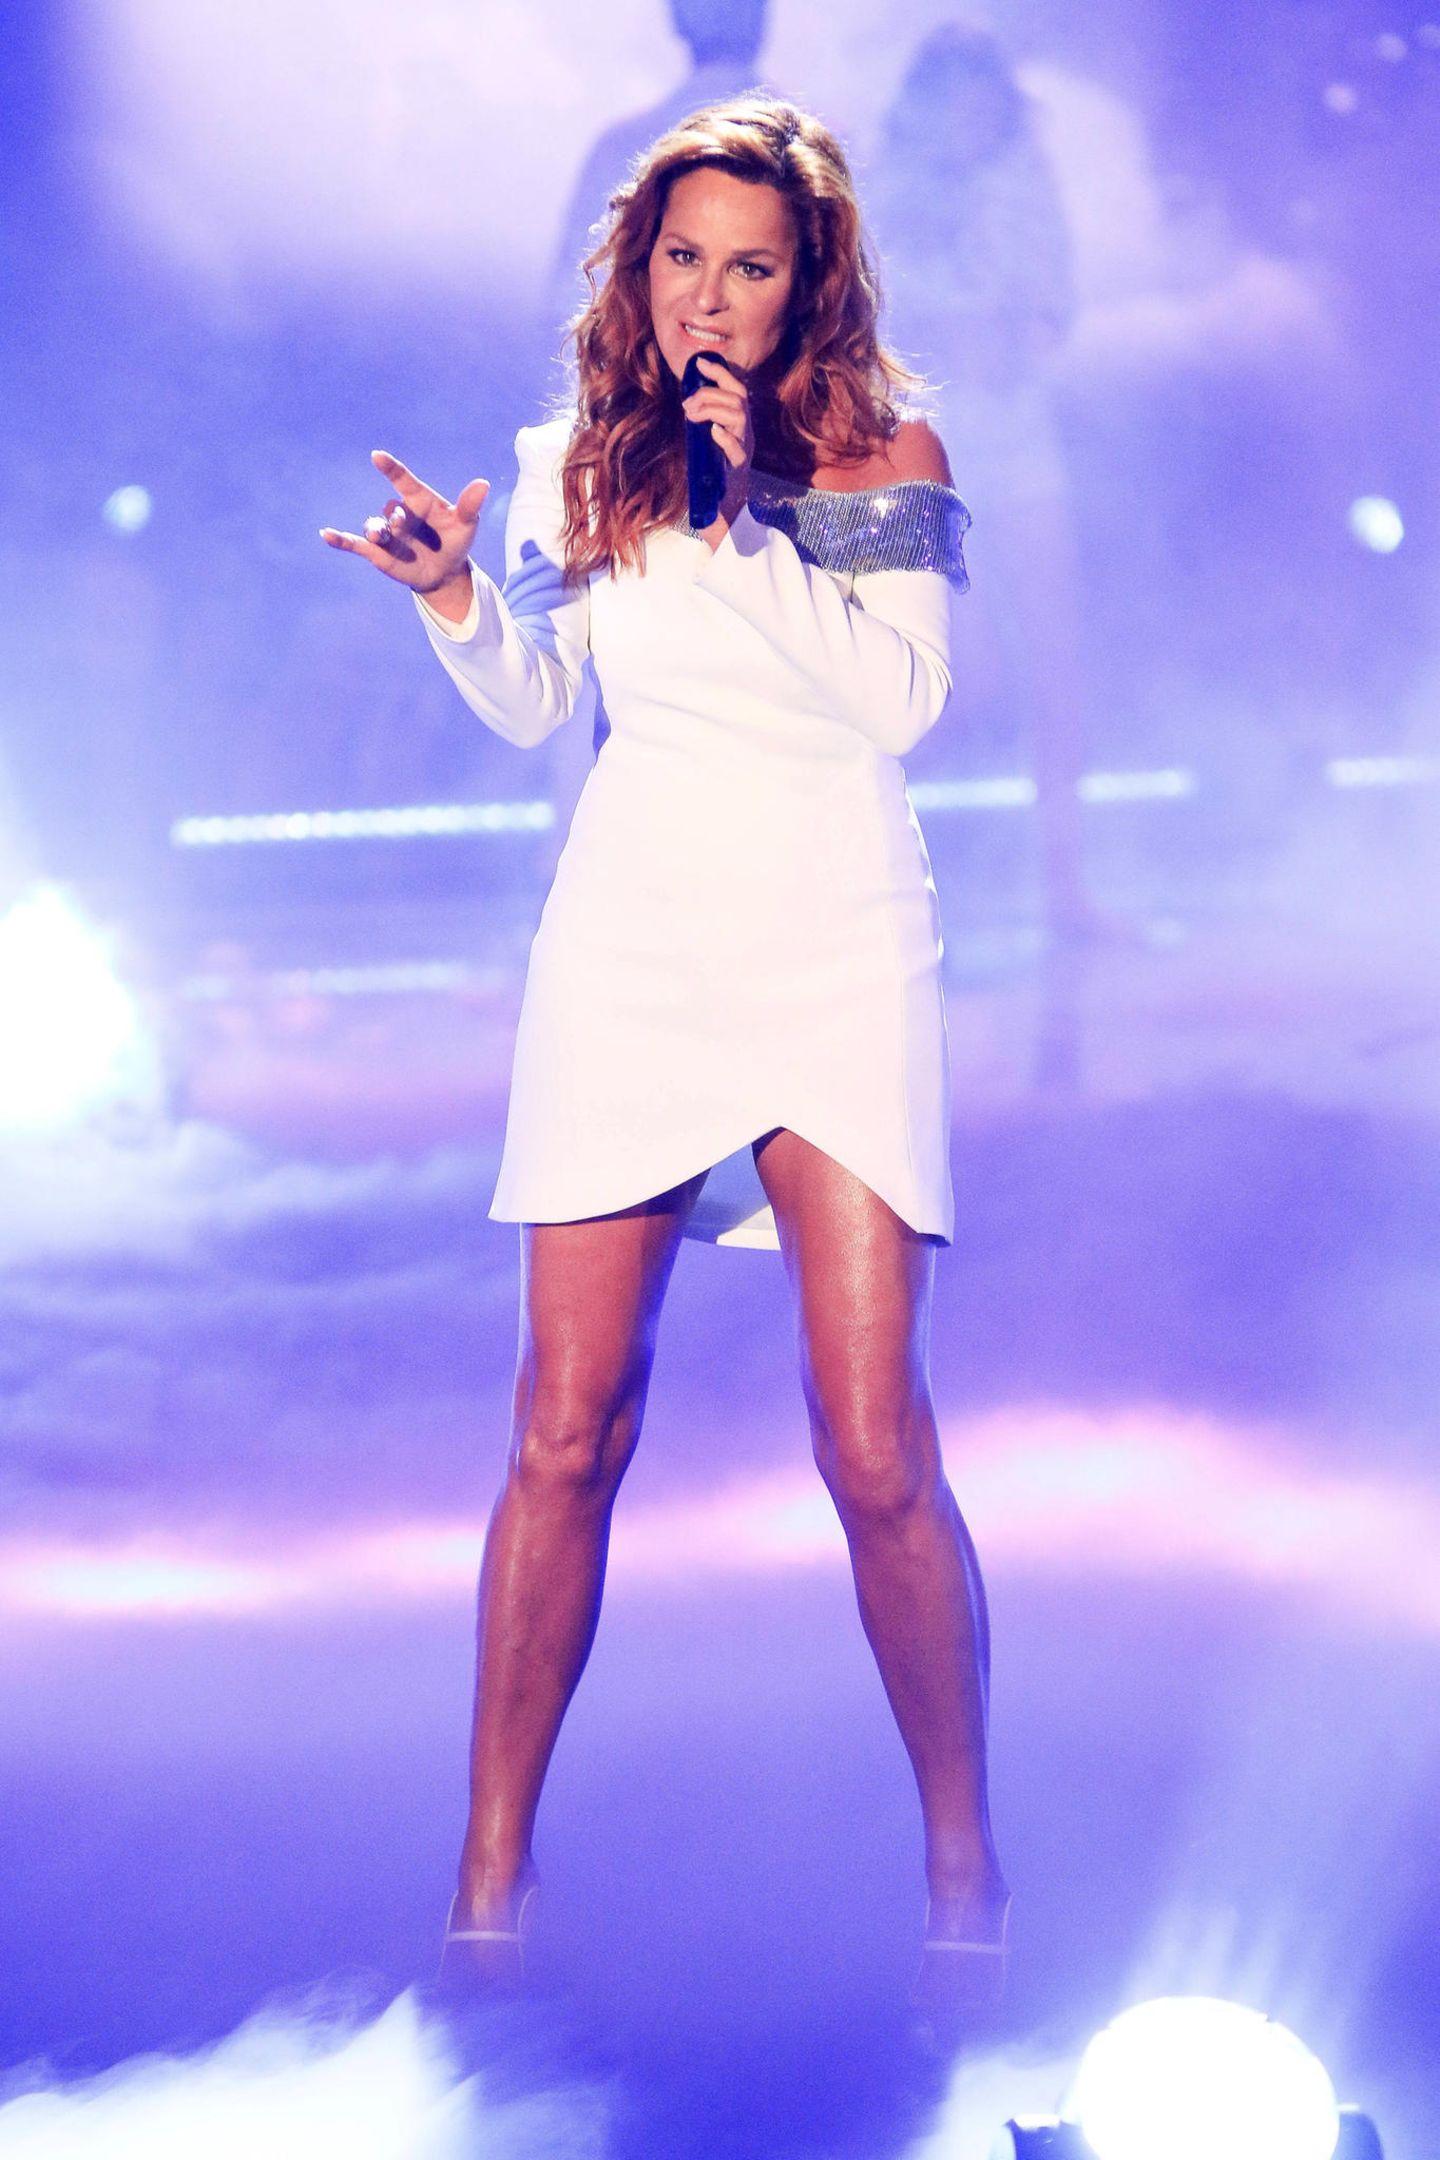 In einem weißen Minikleid gewährte Berg den ein oder anderen sexy Blick auf ihredurchtrainierten Beine. Wäre das Kleidchen noch kürzer, wäre das Mode-Malheur sicherlich vorprogrammiert.